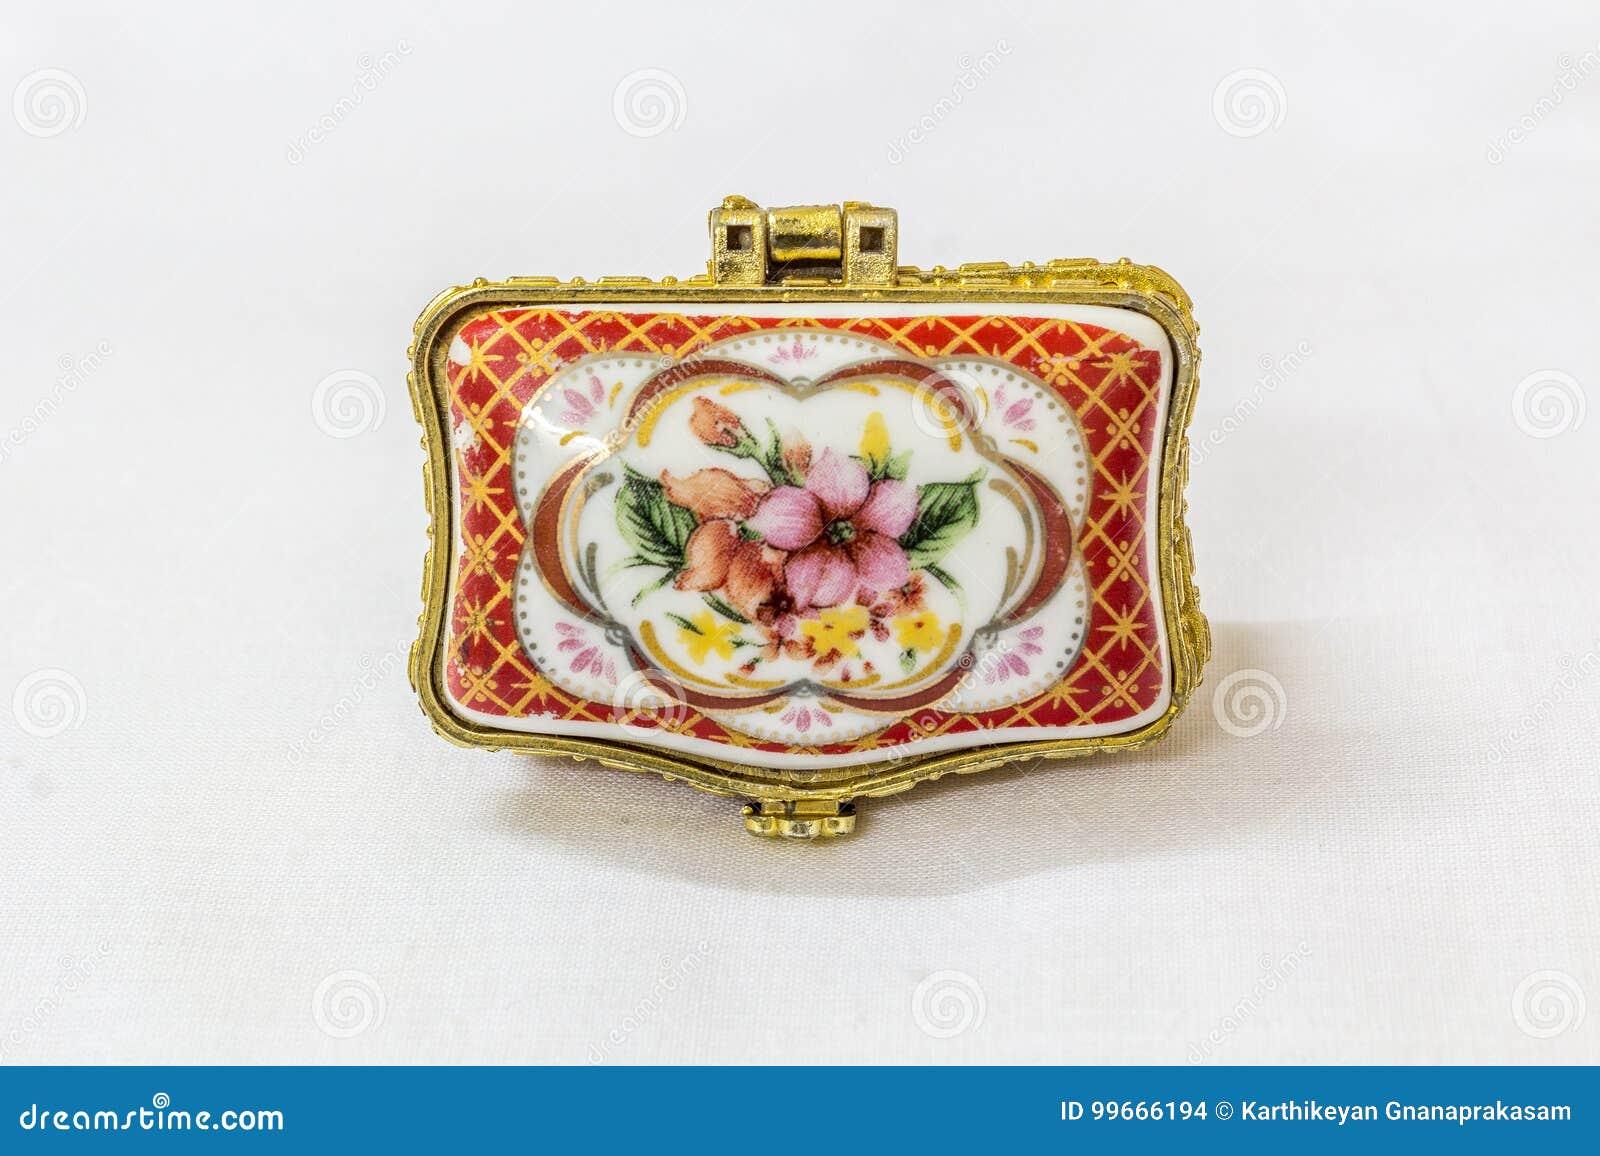 Το μικροσκοπικό ζωηρόχρωμο κιβώτιο κοσμημάτων με το χρυσό crimp σε ένα άσπρο υπόβαθρο Μακροεντολή με το εξαιρετικά ρηχό βάθος του